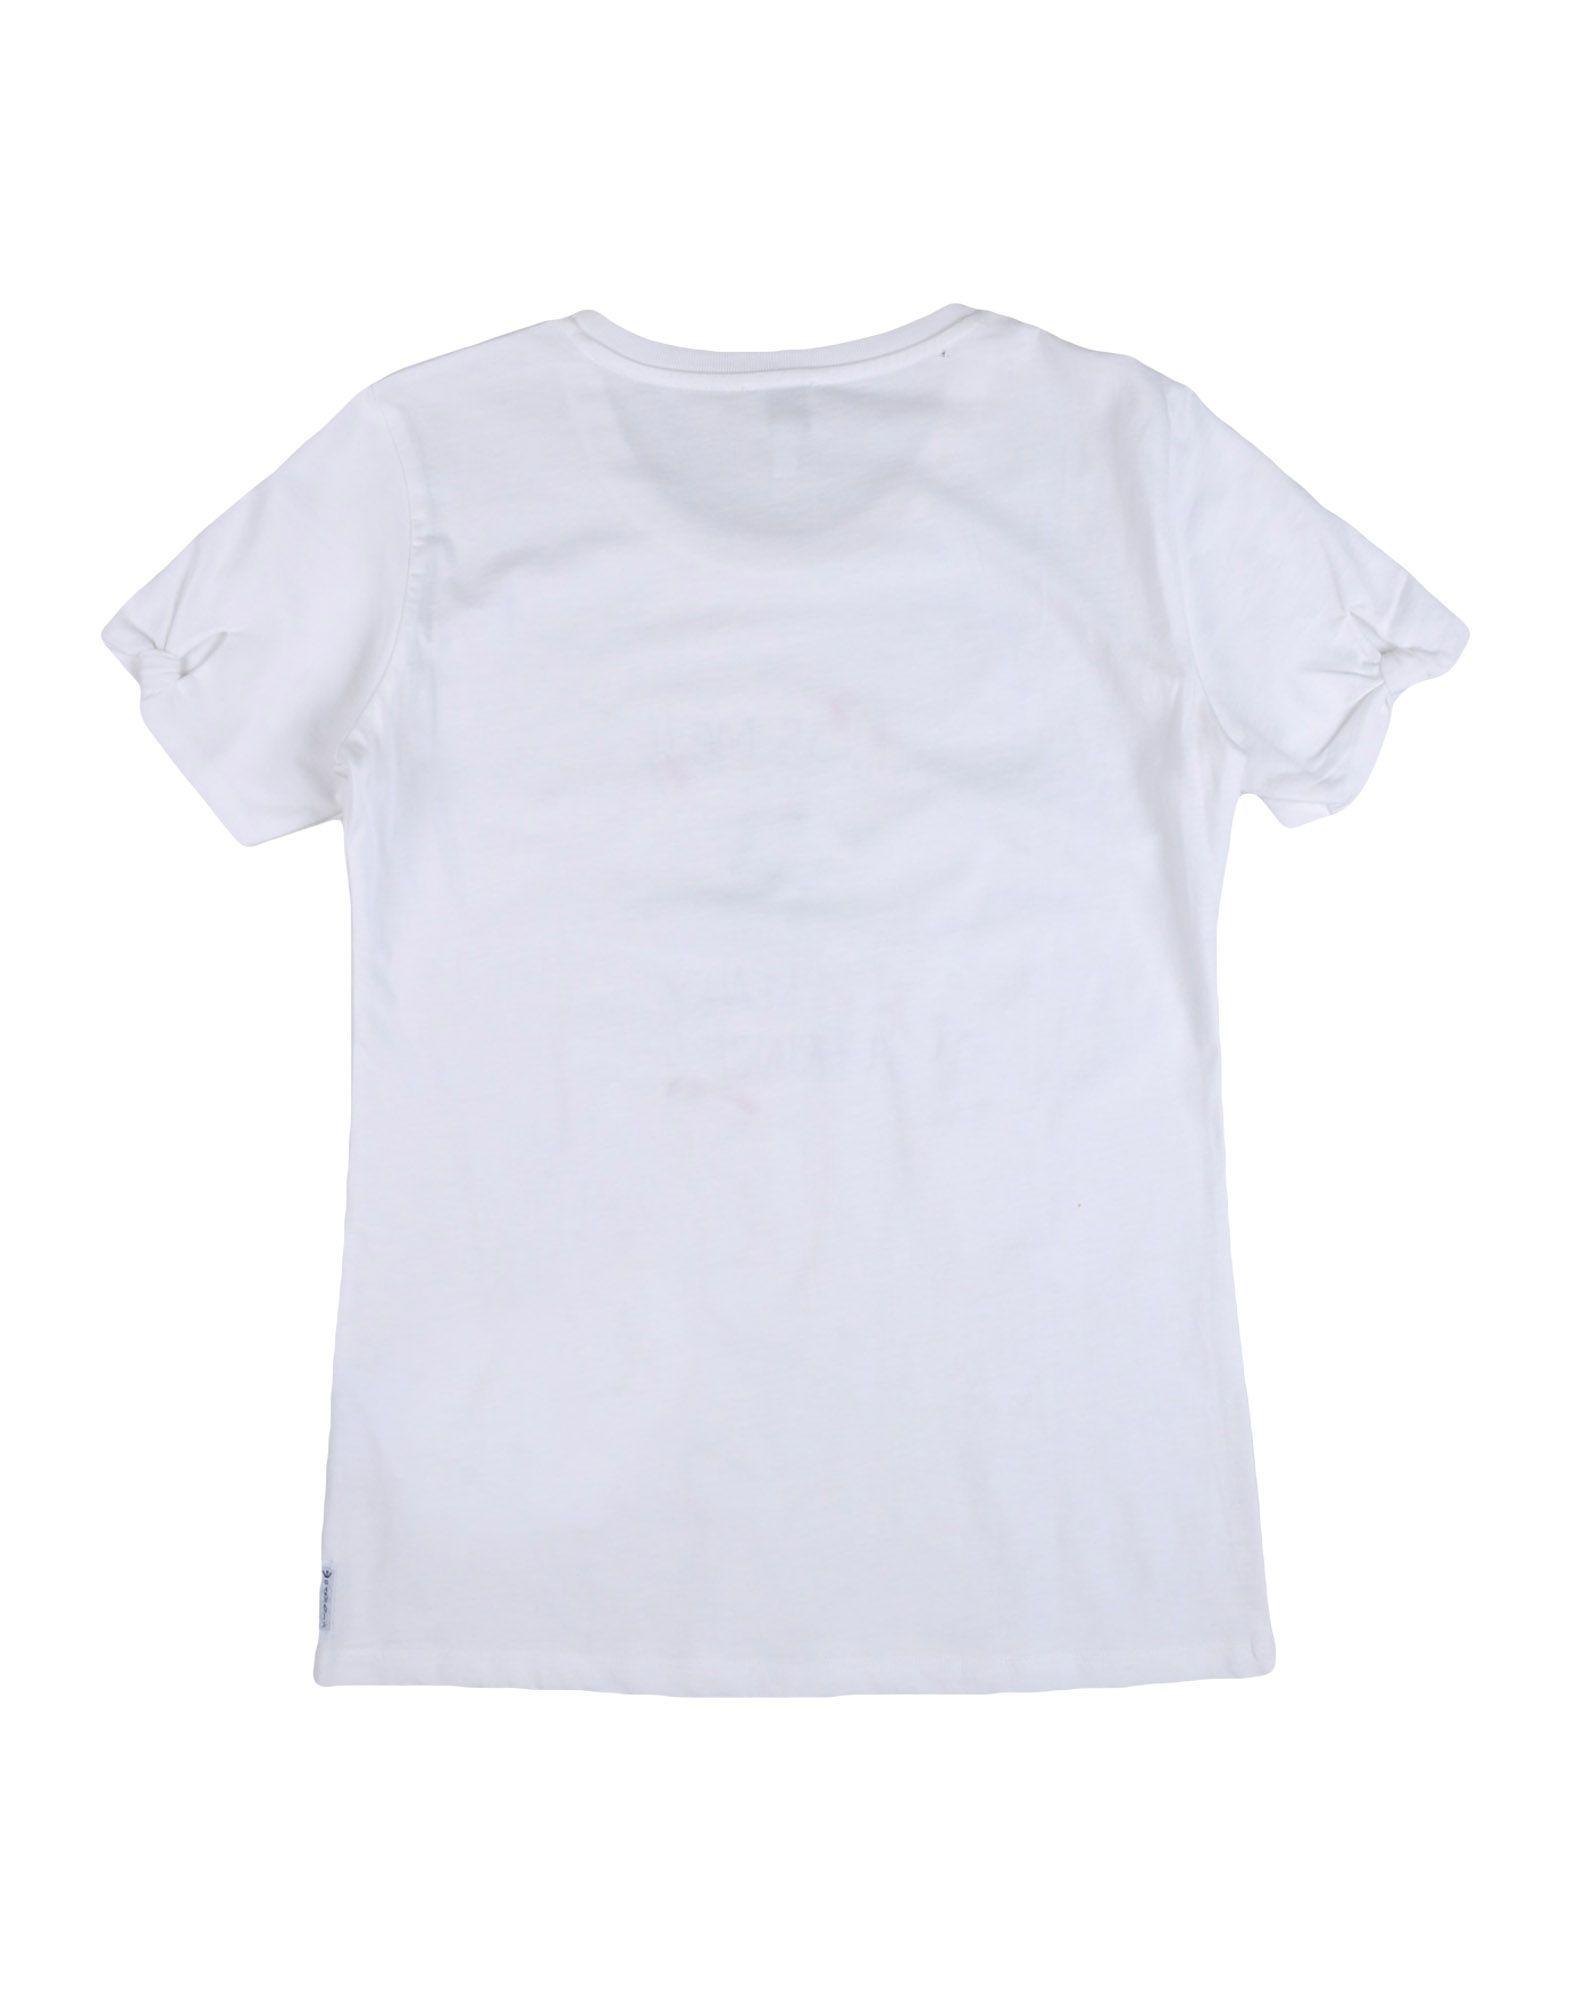 Armani Junior White Girls T-Shirt